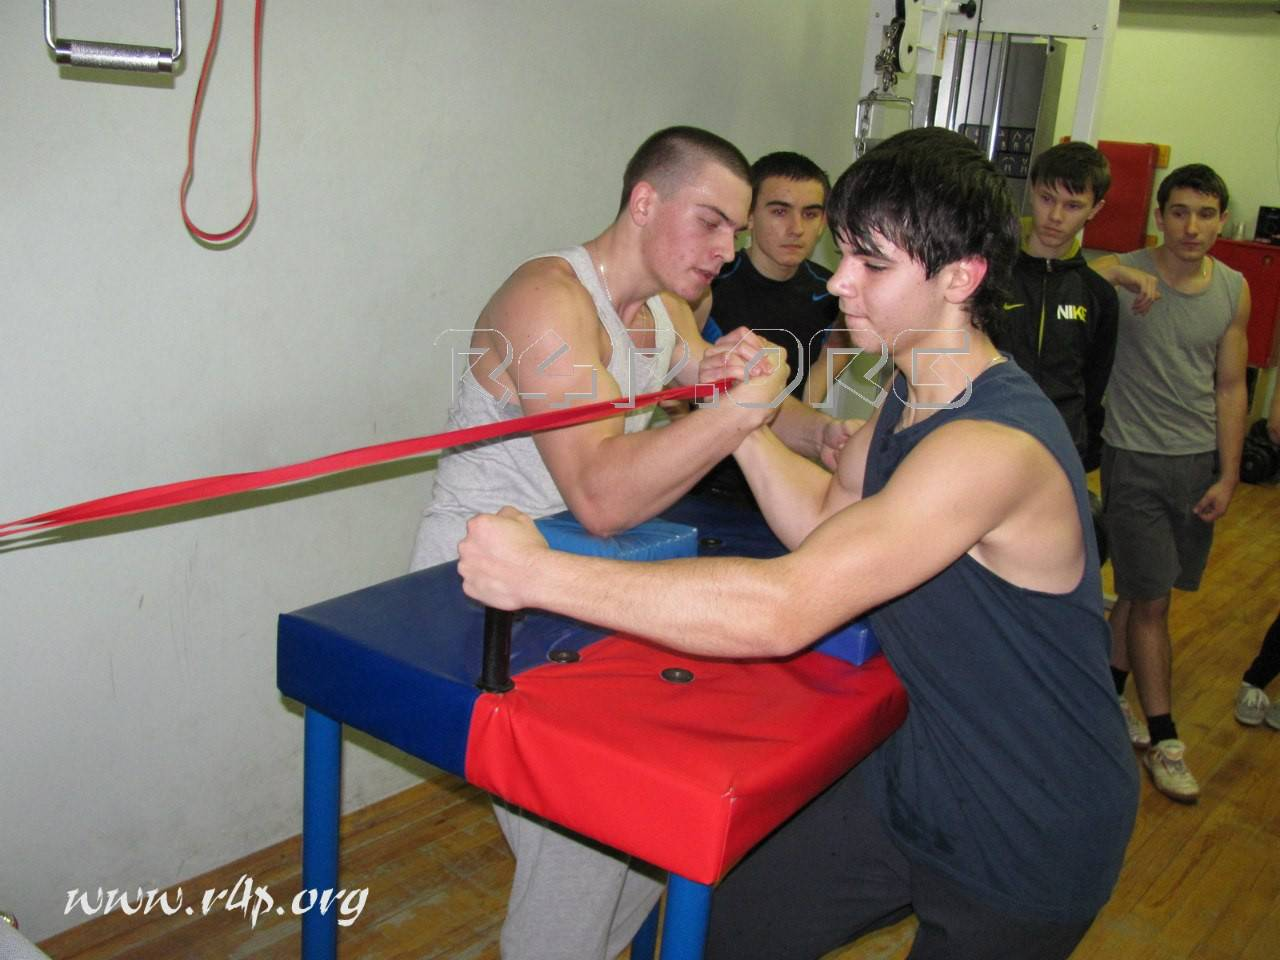 Упражнения для армрестлинга: рекомендации по тренировкам, упражнения в зале и домашних условиях